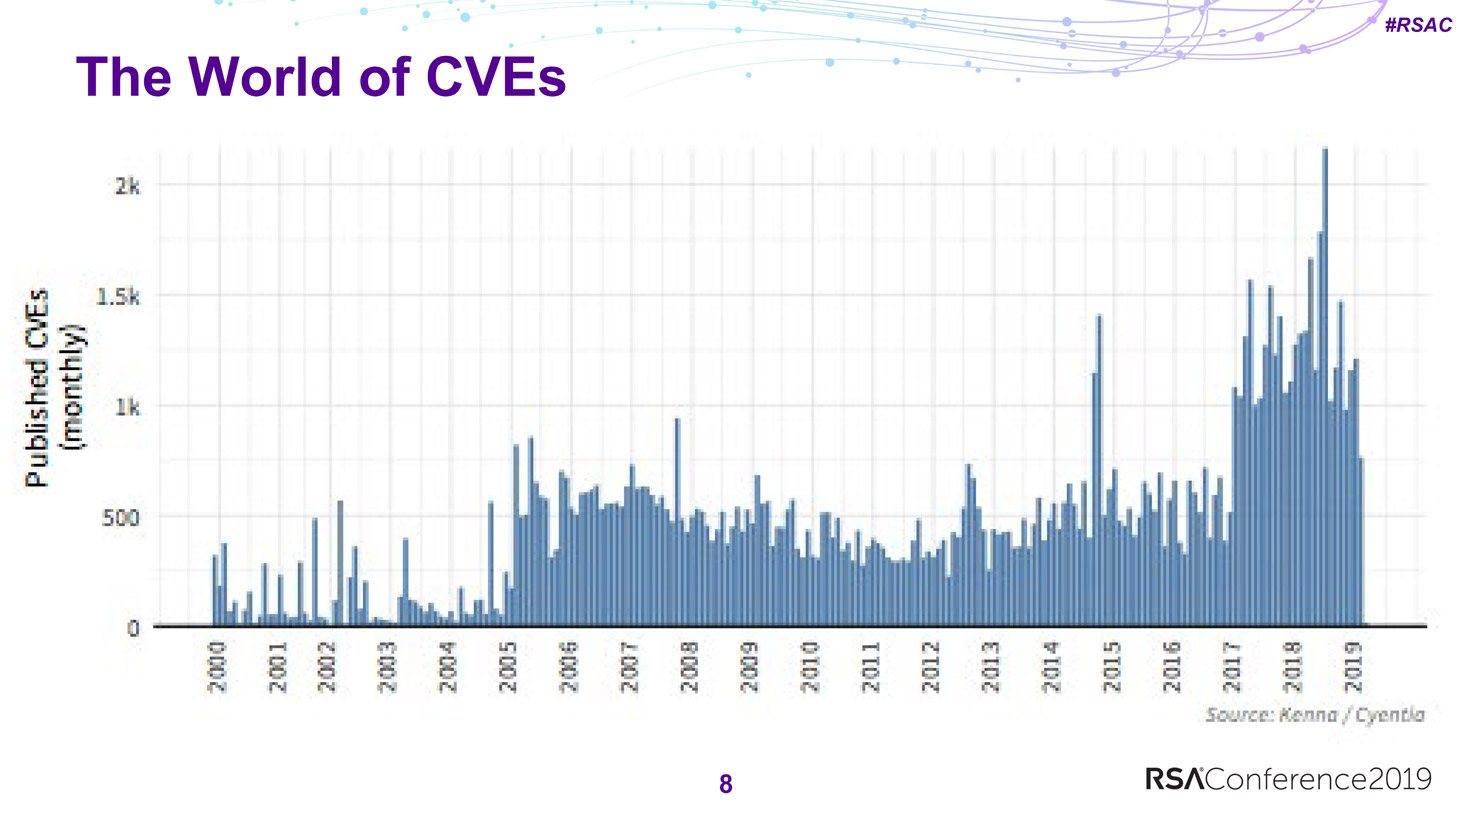 La tasa de publicación de CVE aumentó drásticamente en 2017, sobrepasando los 1,000 al mes.